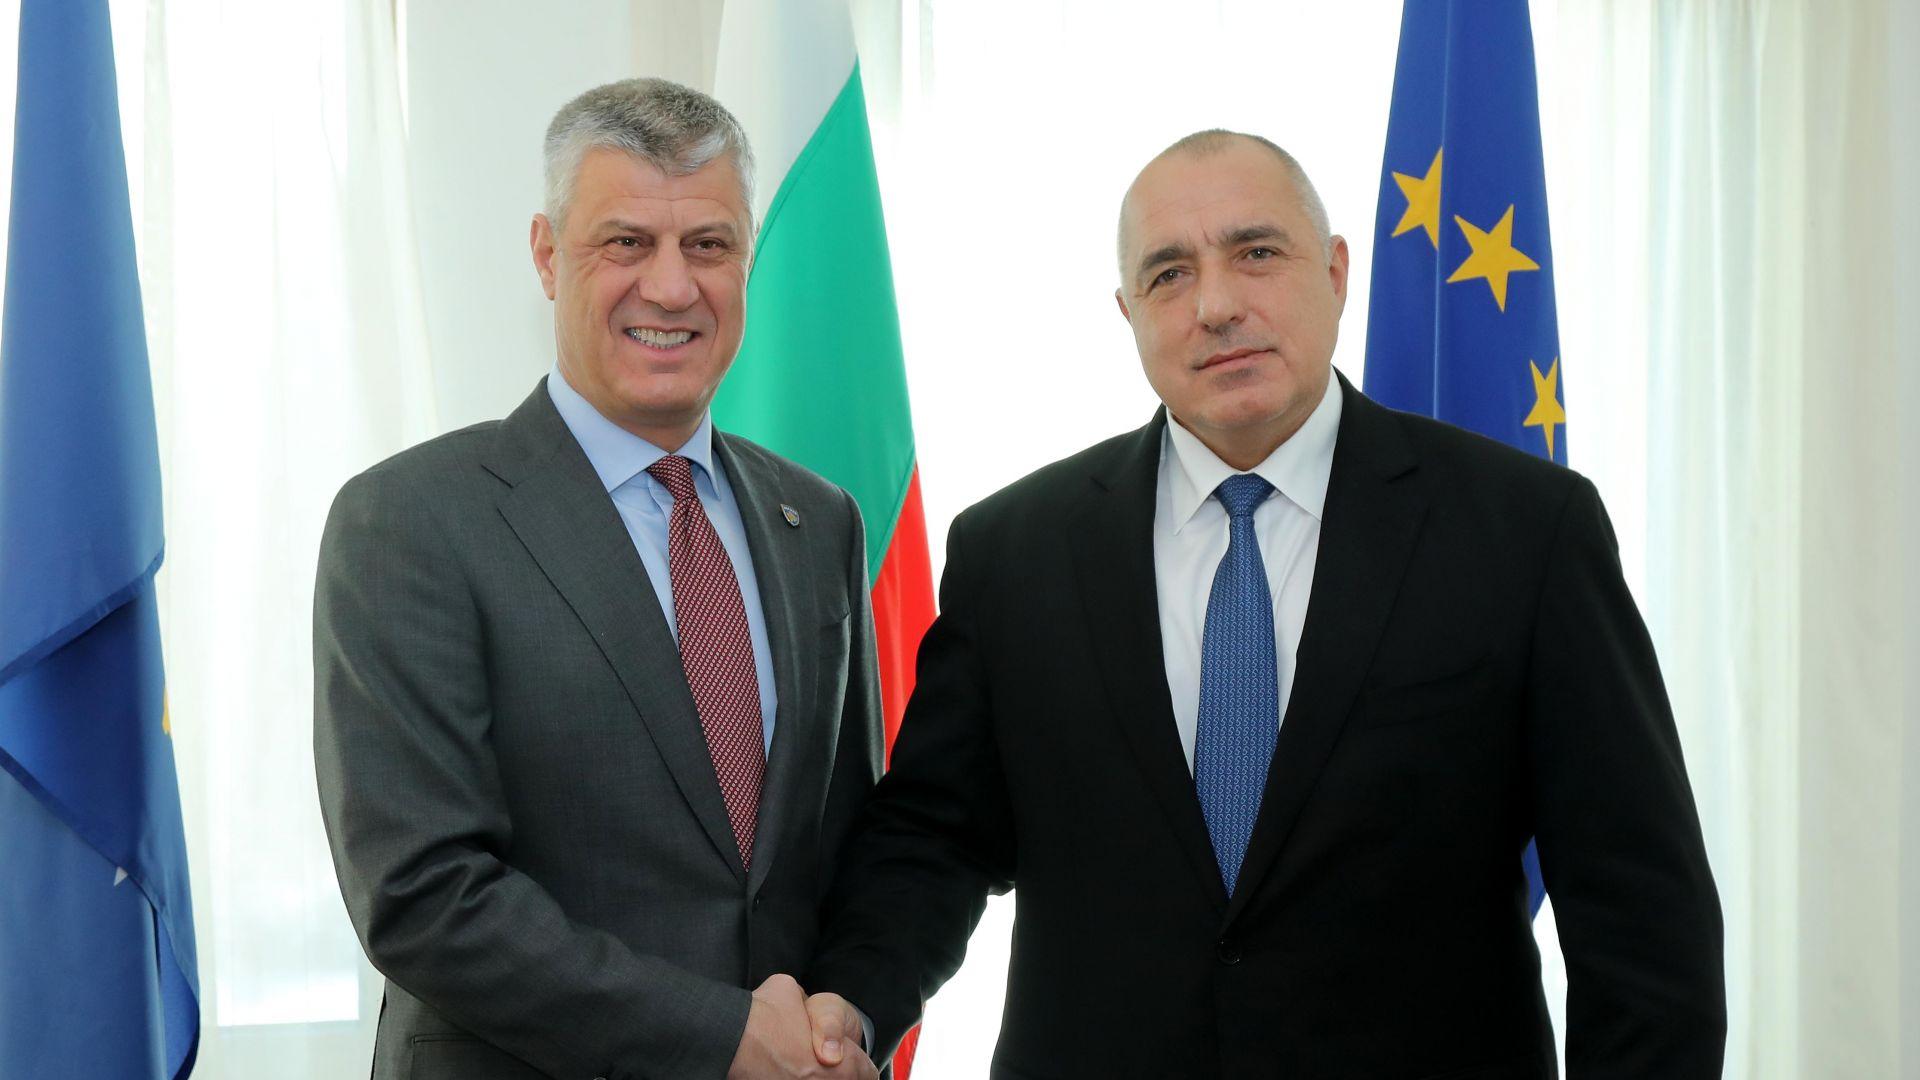 Борисов ще разговаря с президента на Косово Хашим Тачи